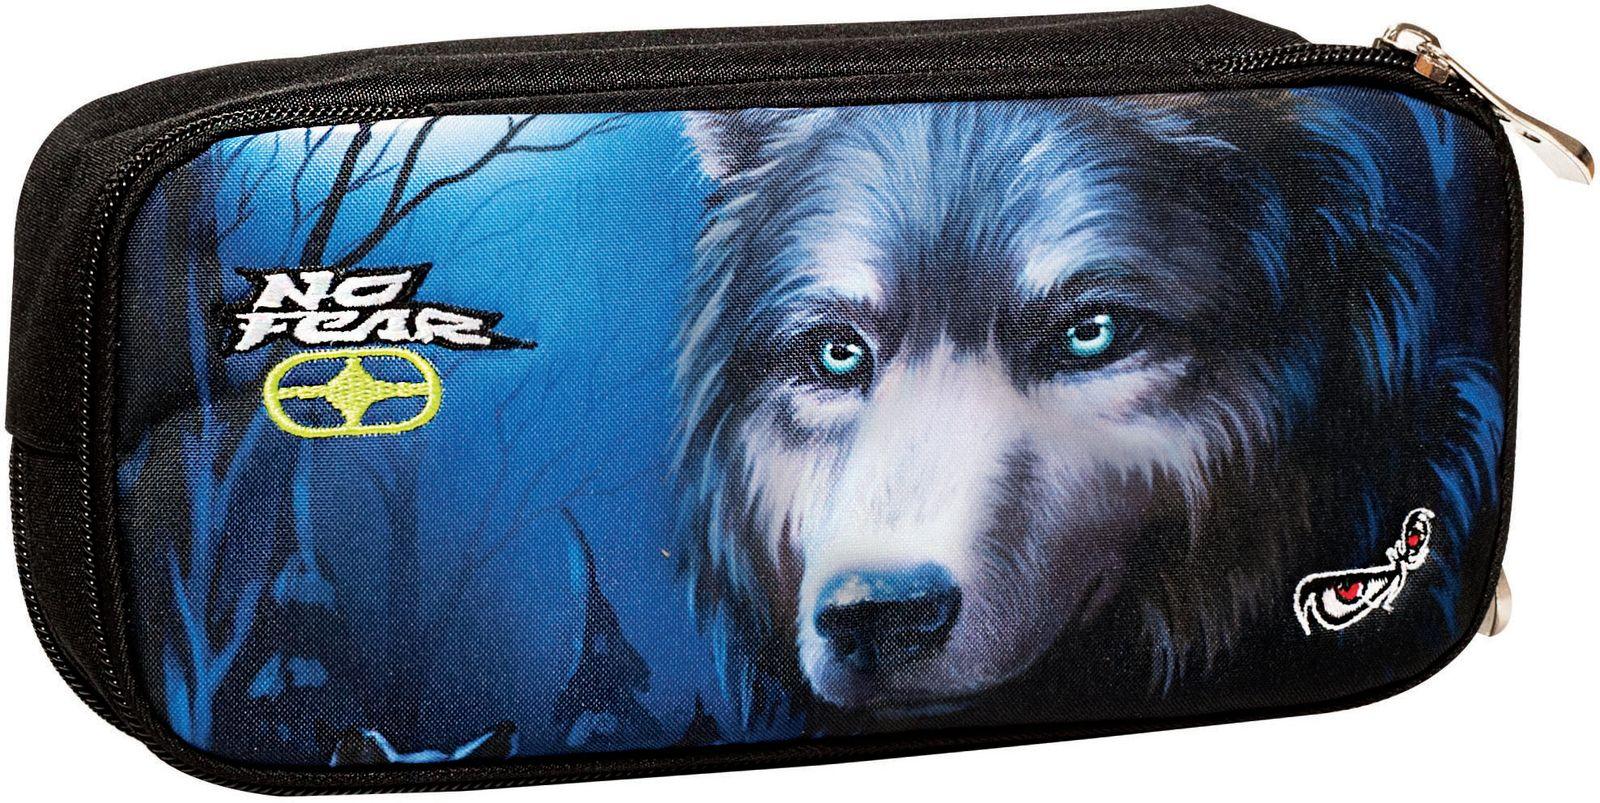 Κασετίνα Βαρελάκι No Fear Dark Wolfs BMU 347-21141 σχολικες τσαντες   τσάντες δημοτικού   κασετίνες